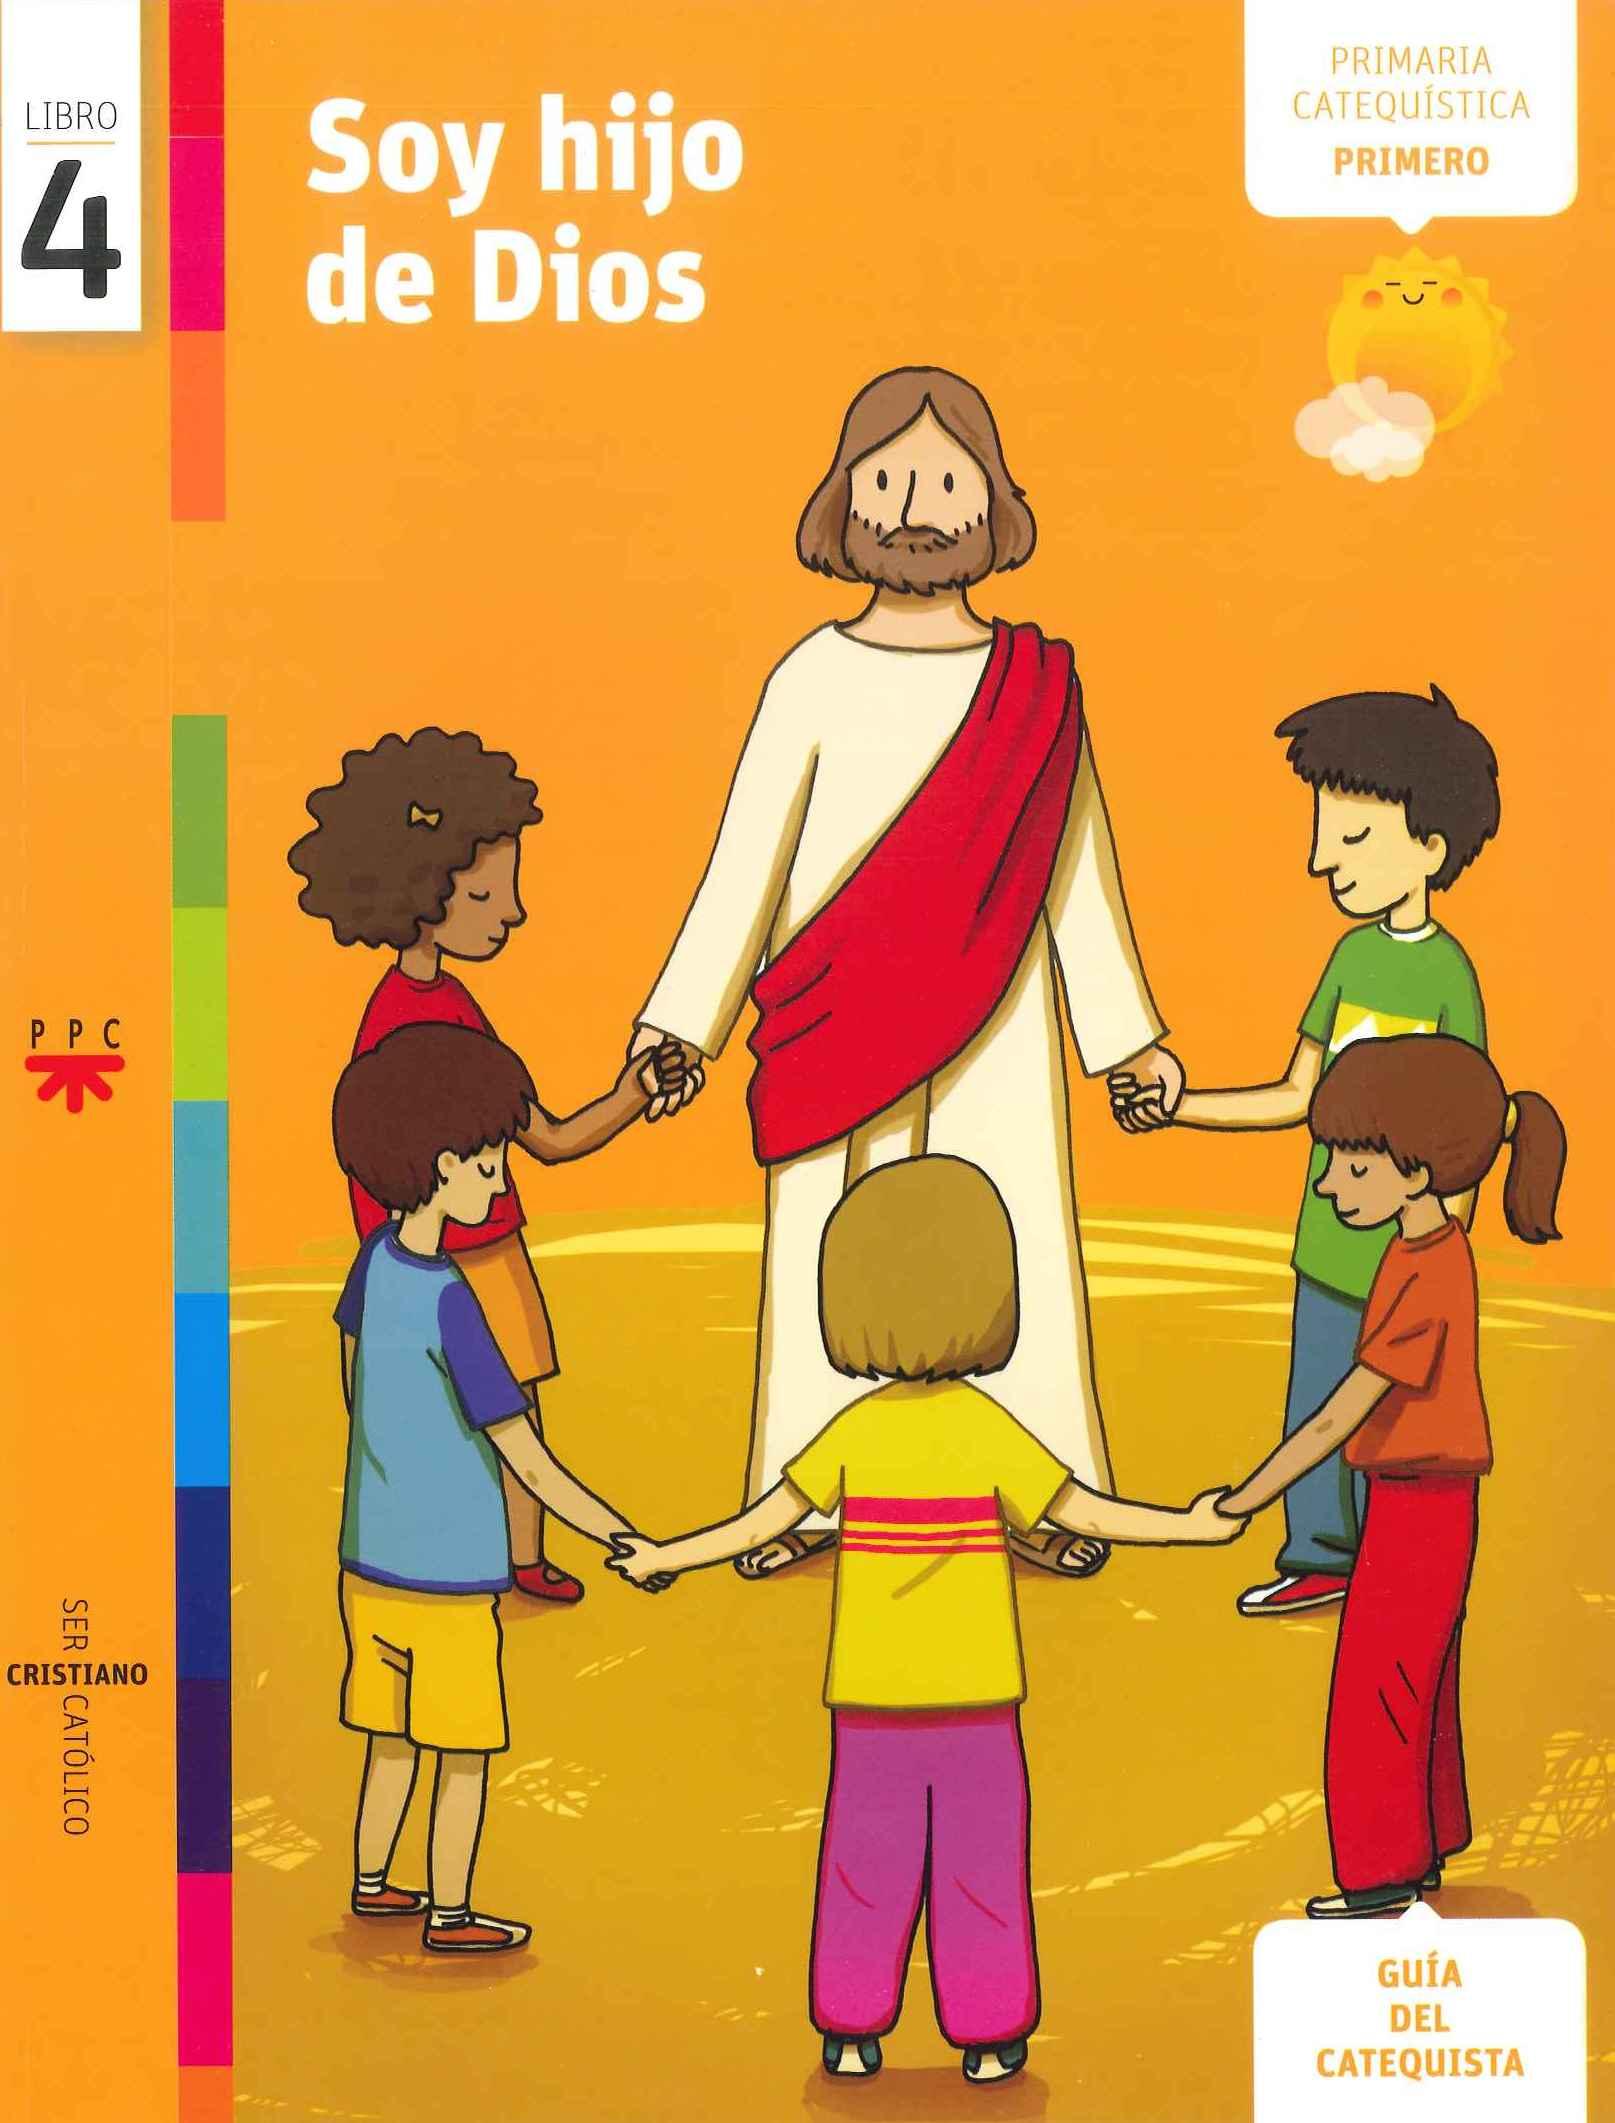 Soy hijo de Dios, 4. Ser cristiano católico. Guía del catequista